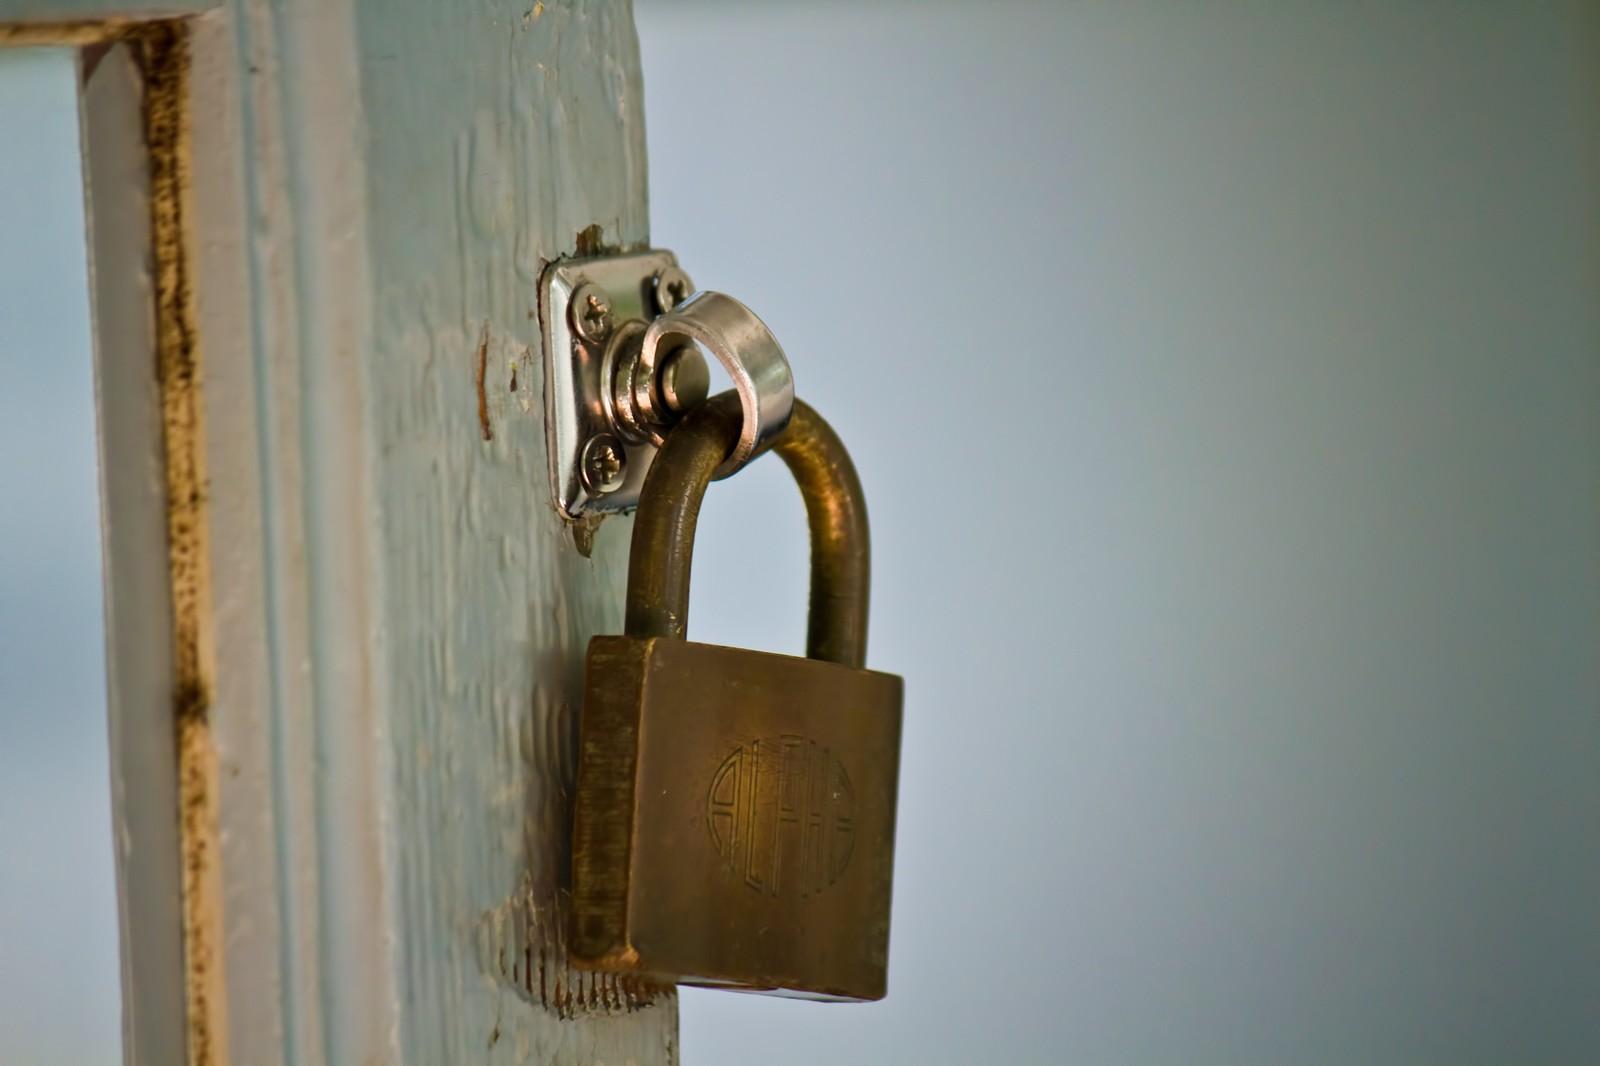 名義貸しの被害にあったらどうすべき?名義貸しトラブルの解決法